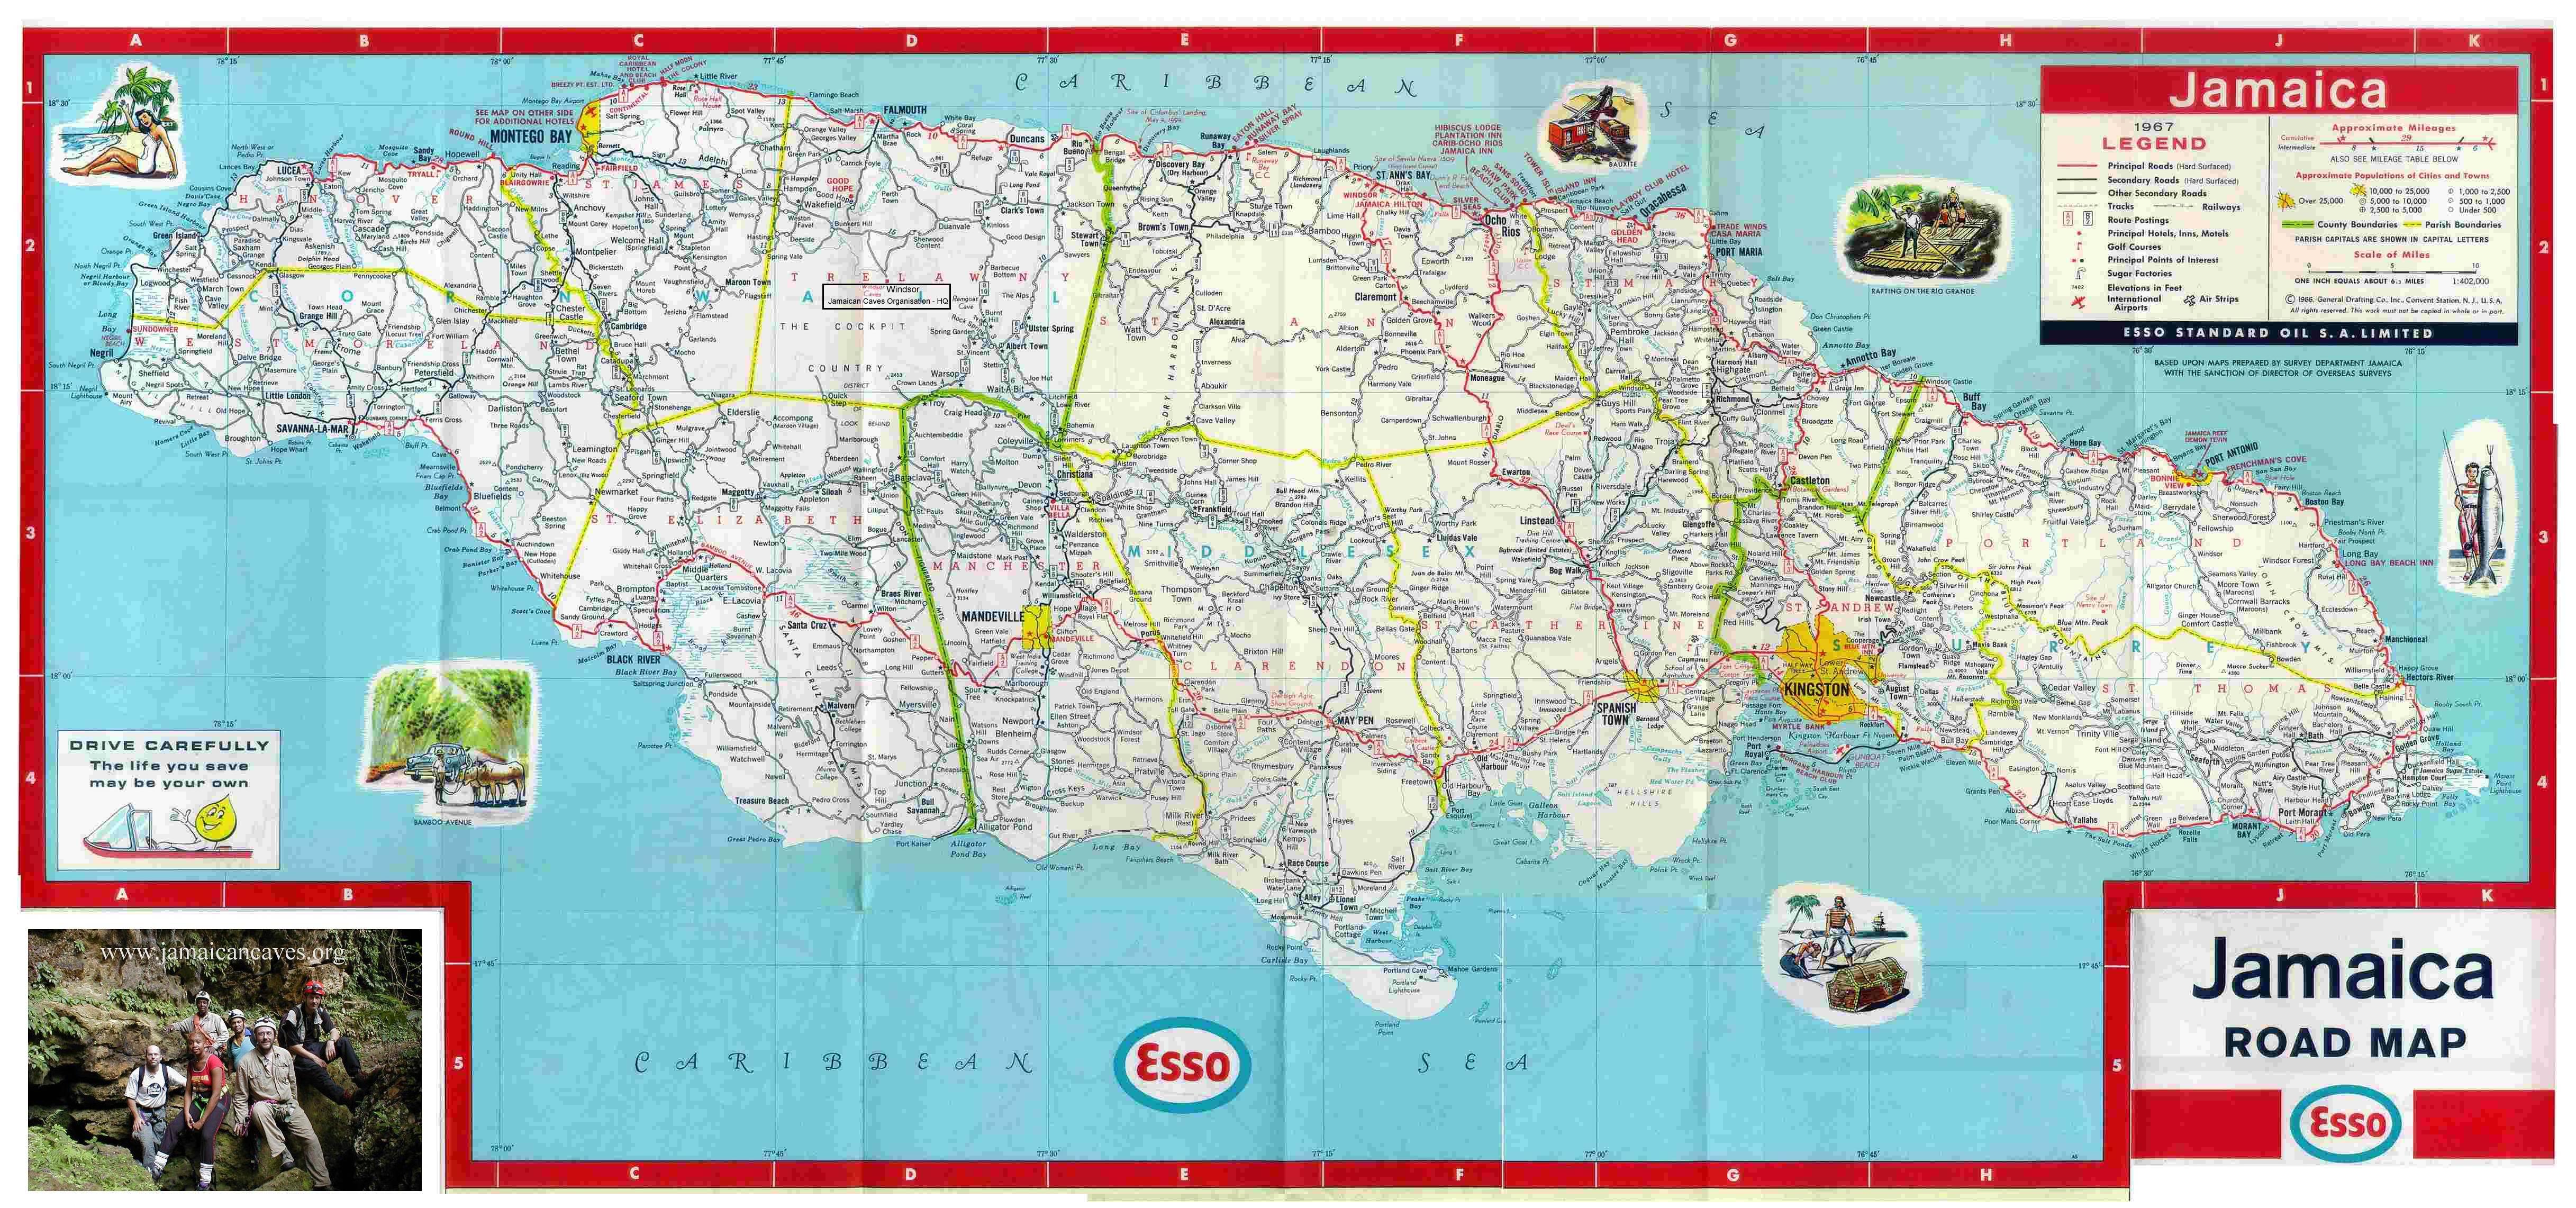 Road map for St Mary Jamaica JamaicaJamaica